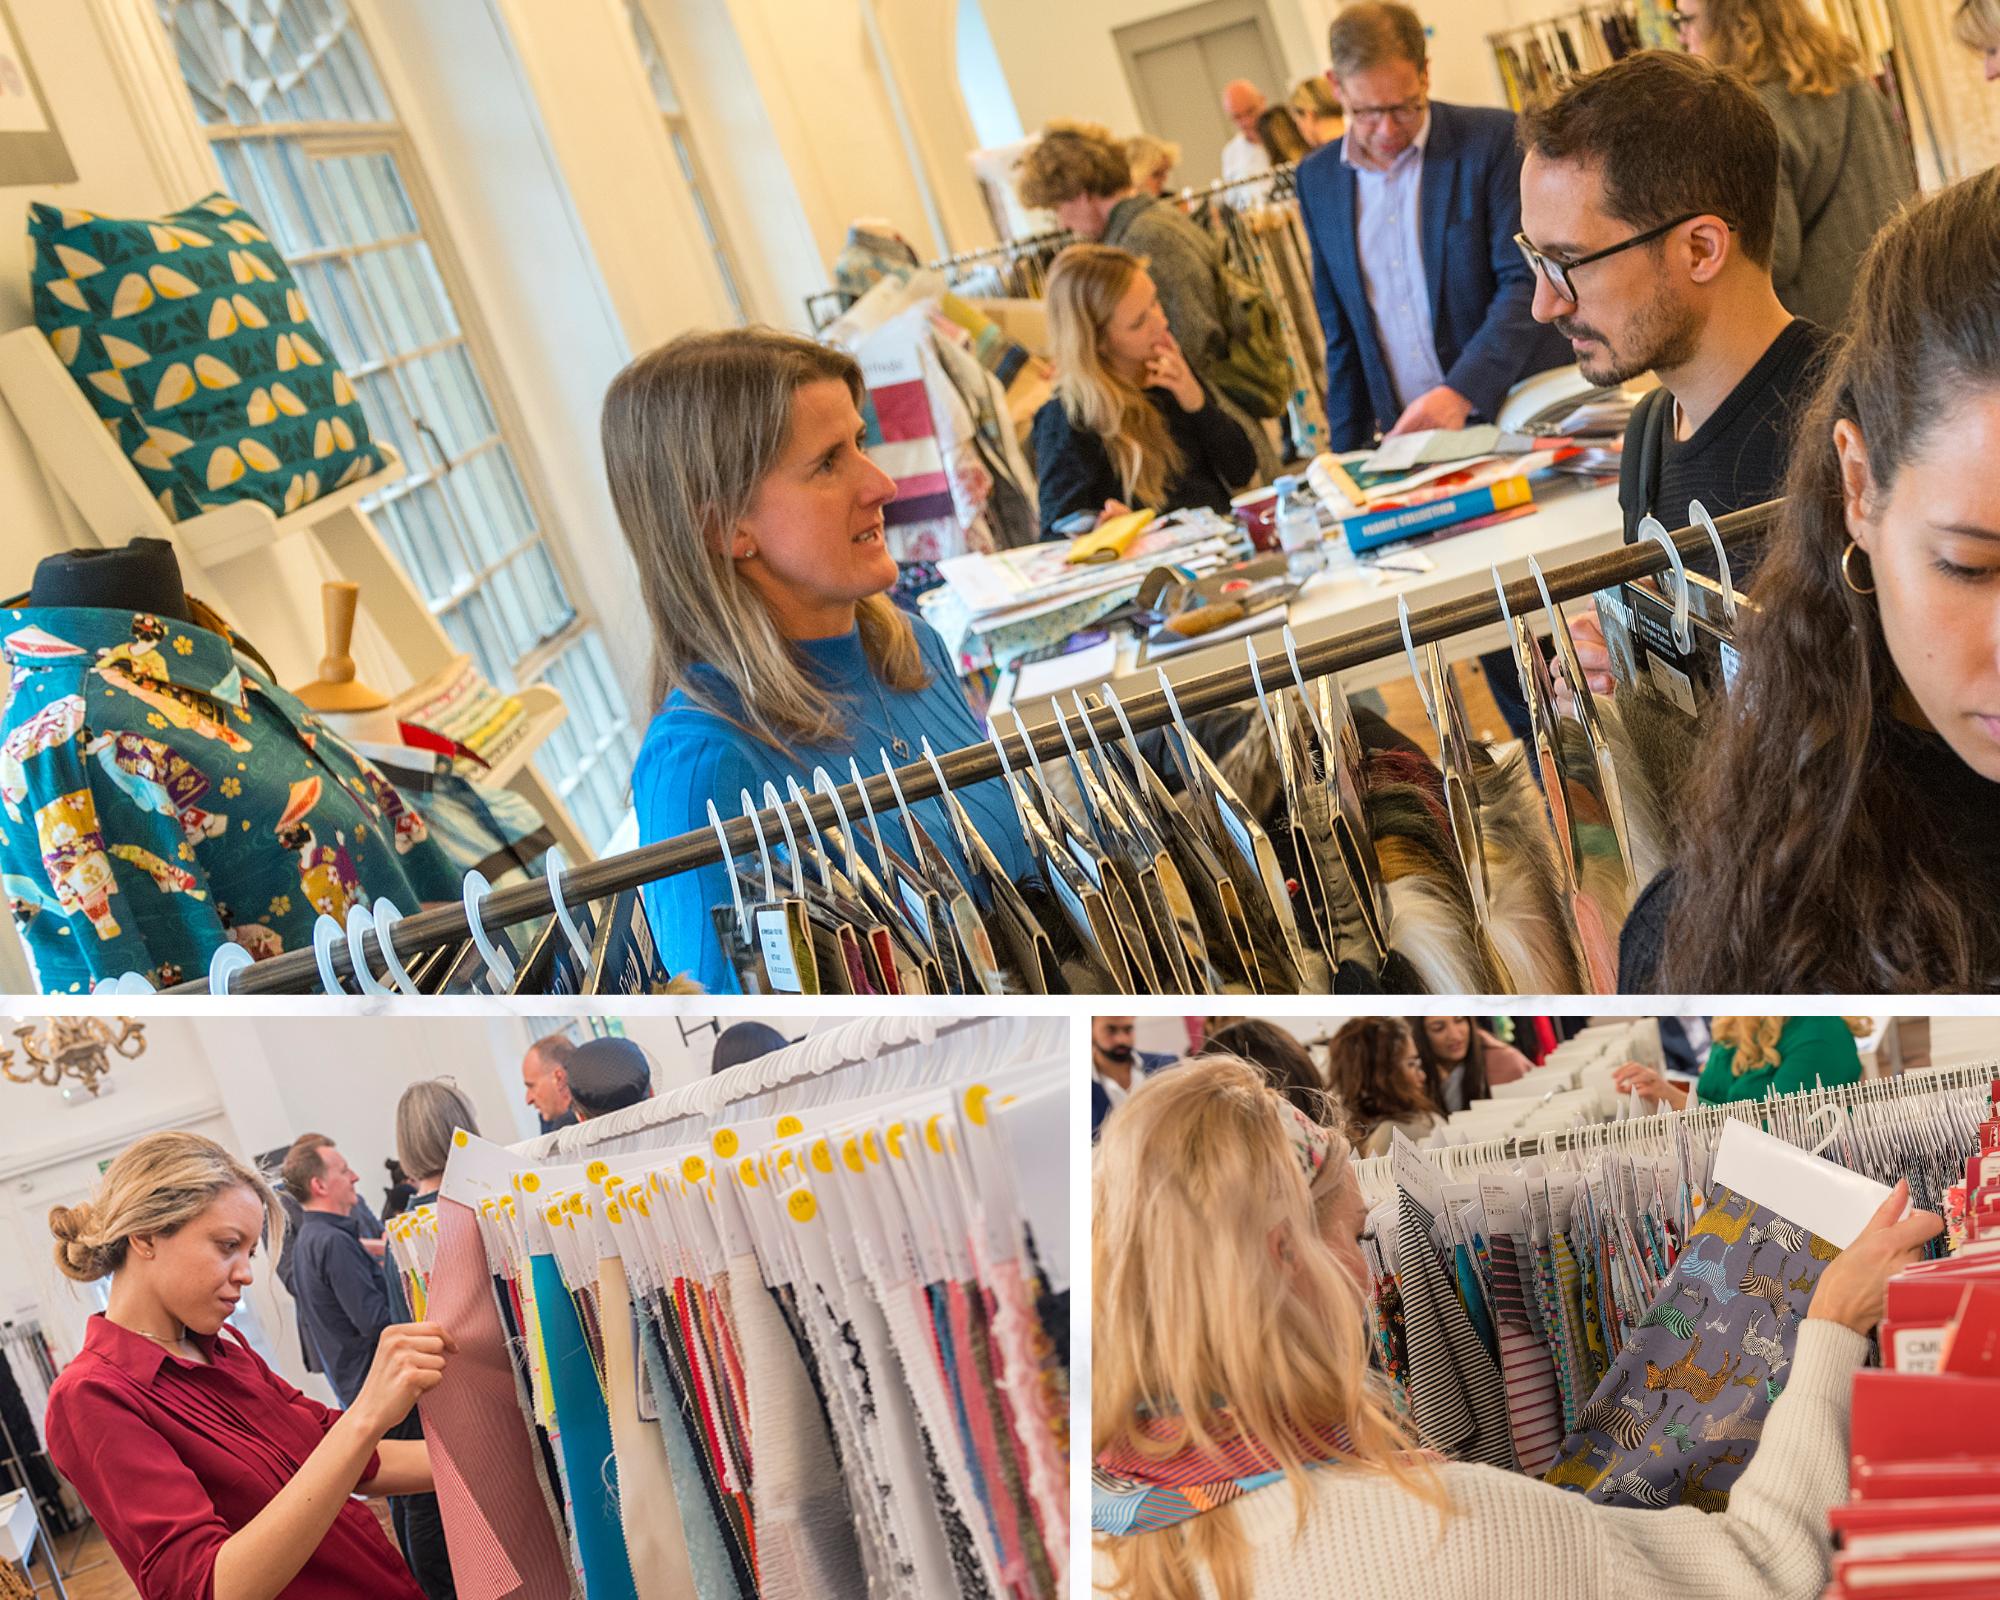 Why Visit Textile Forum?